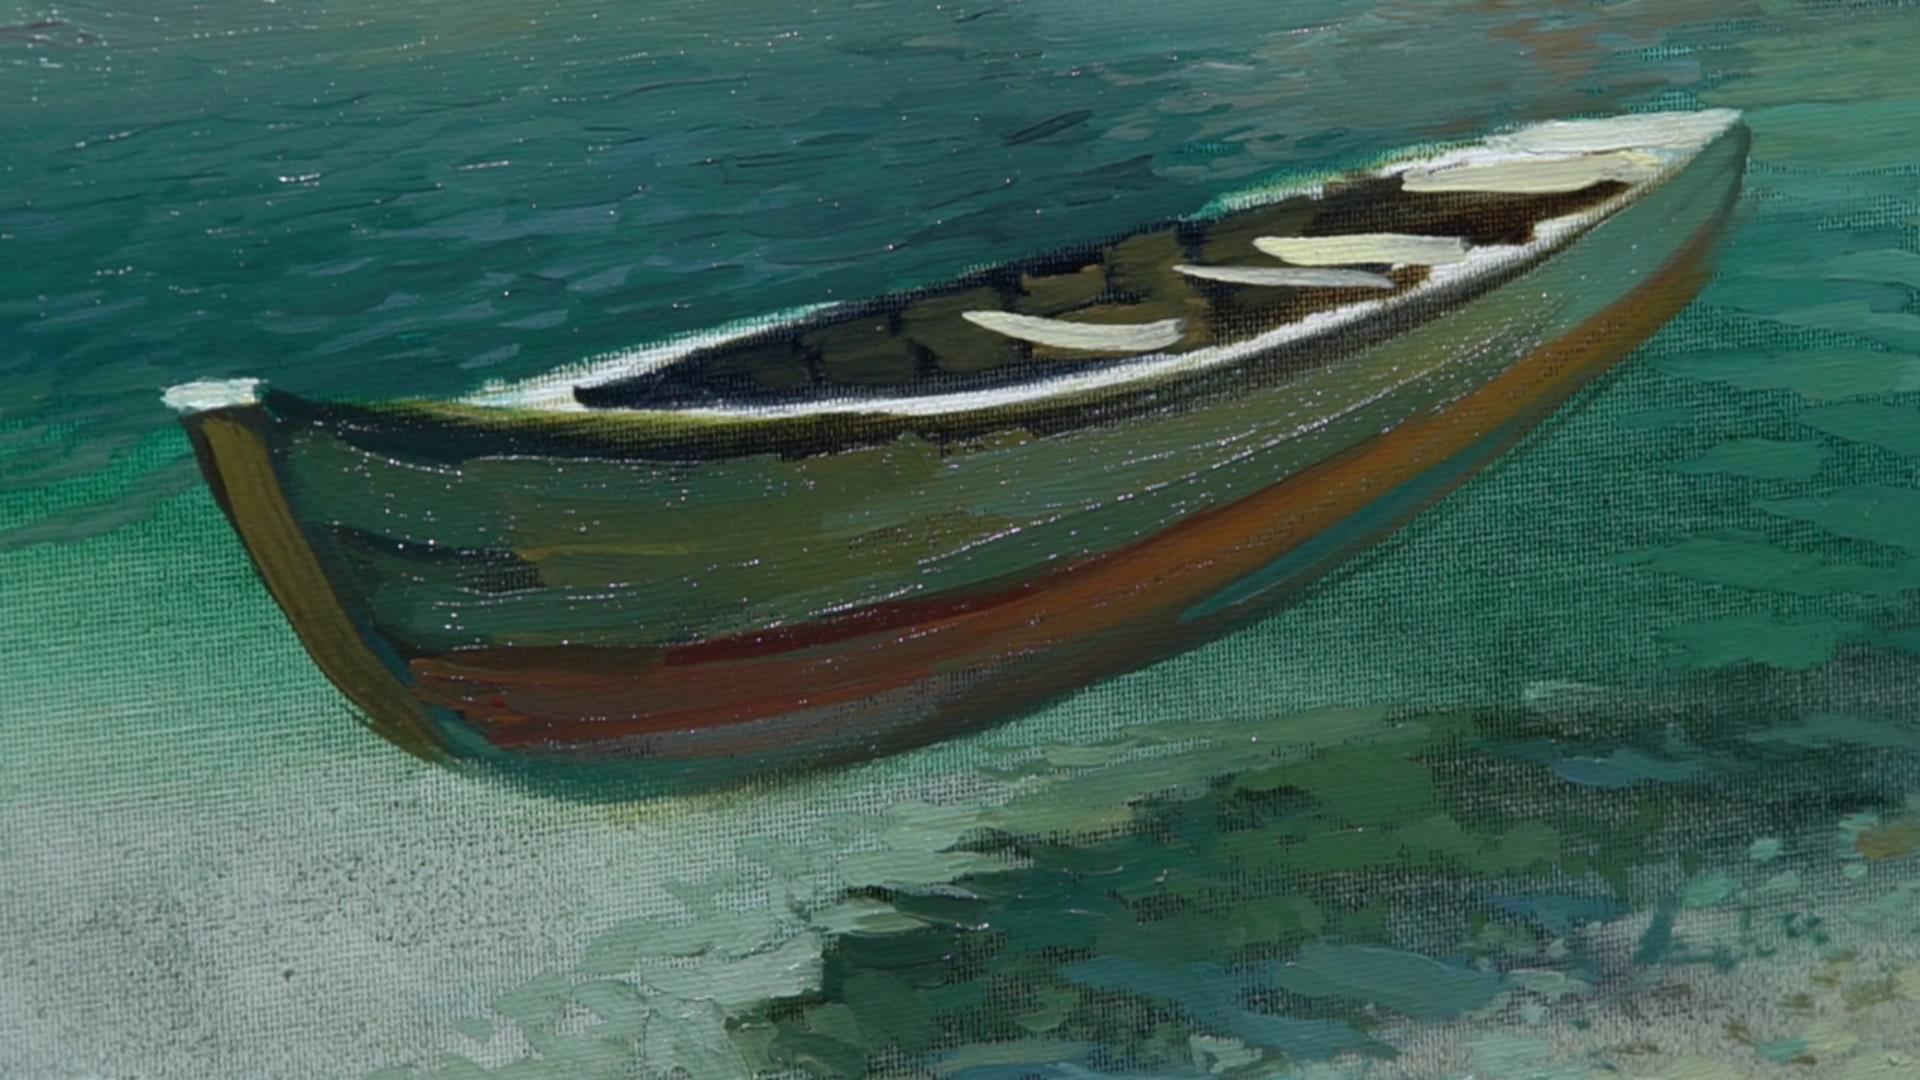 003 Живопись маслом_Летающая лодка